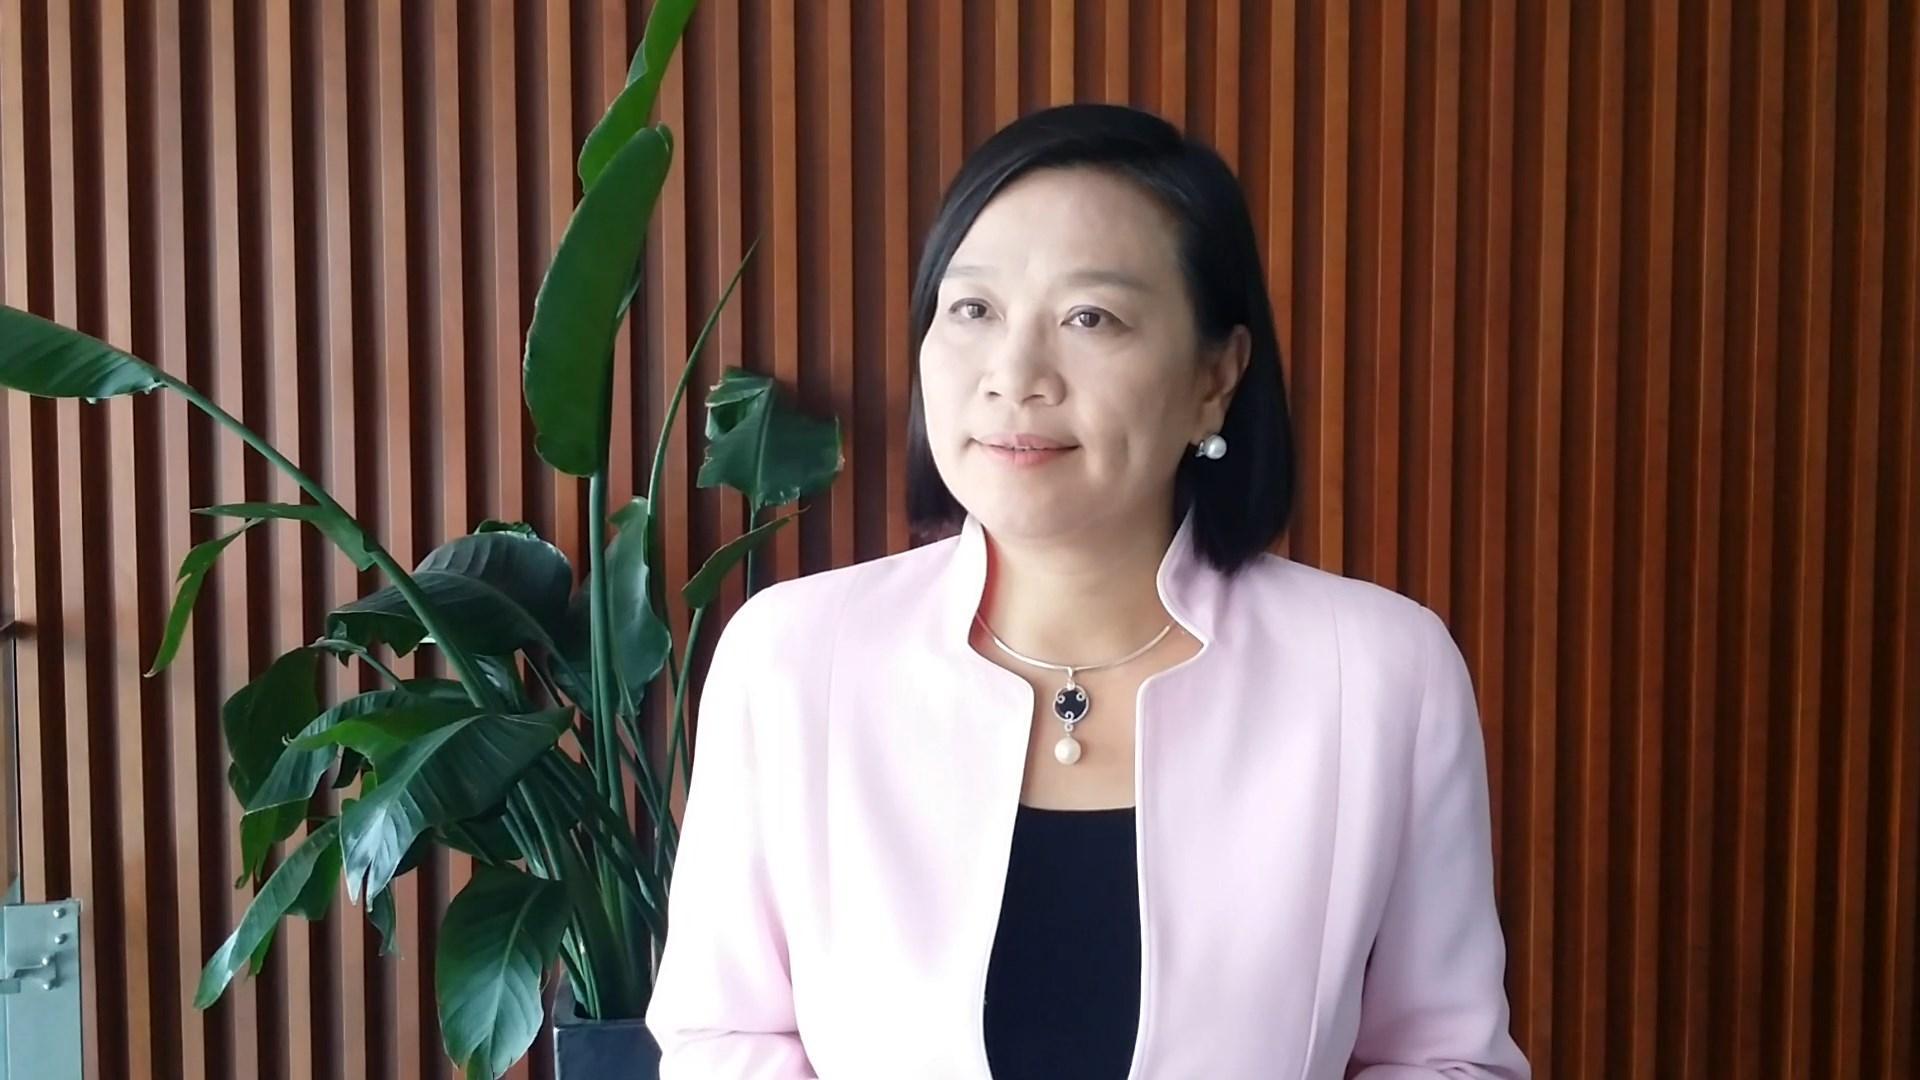 現任區議員梁美芬認為,別人說游蕙禎以外貌取勝只是說笑,指黃埔東的街坊都著重政績。